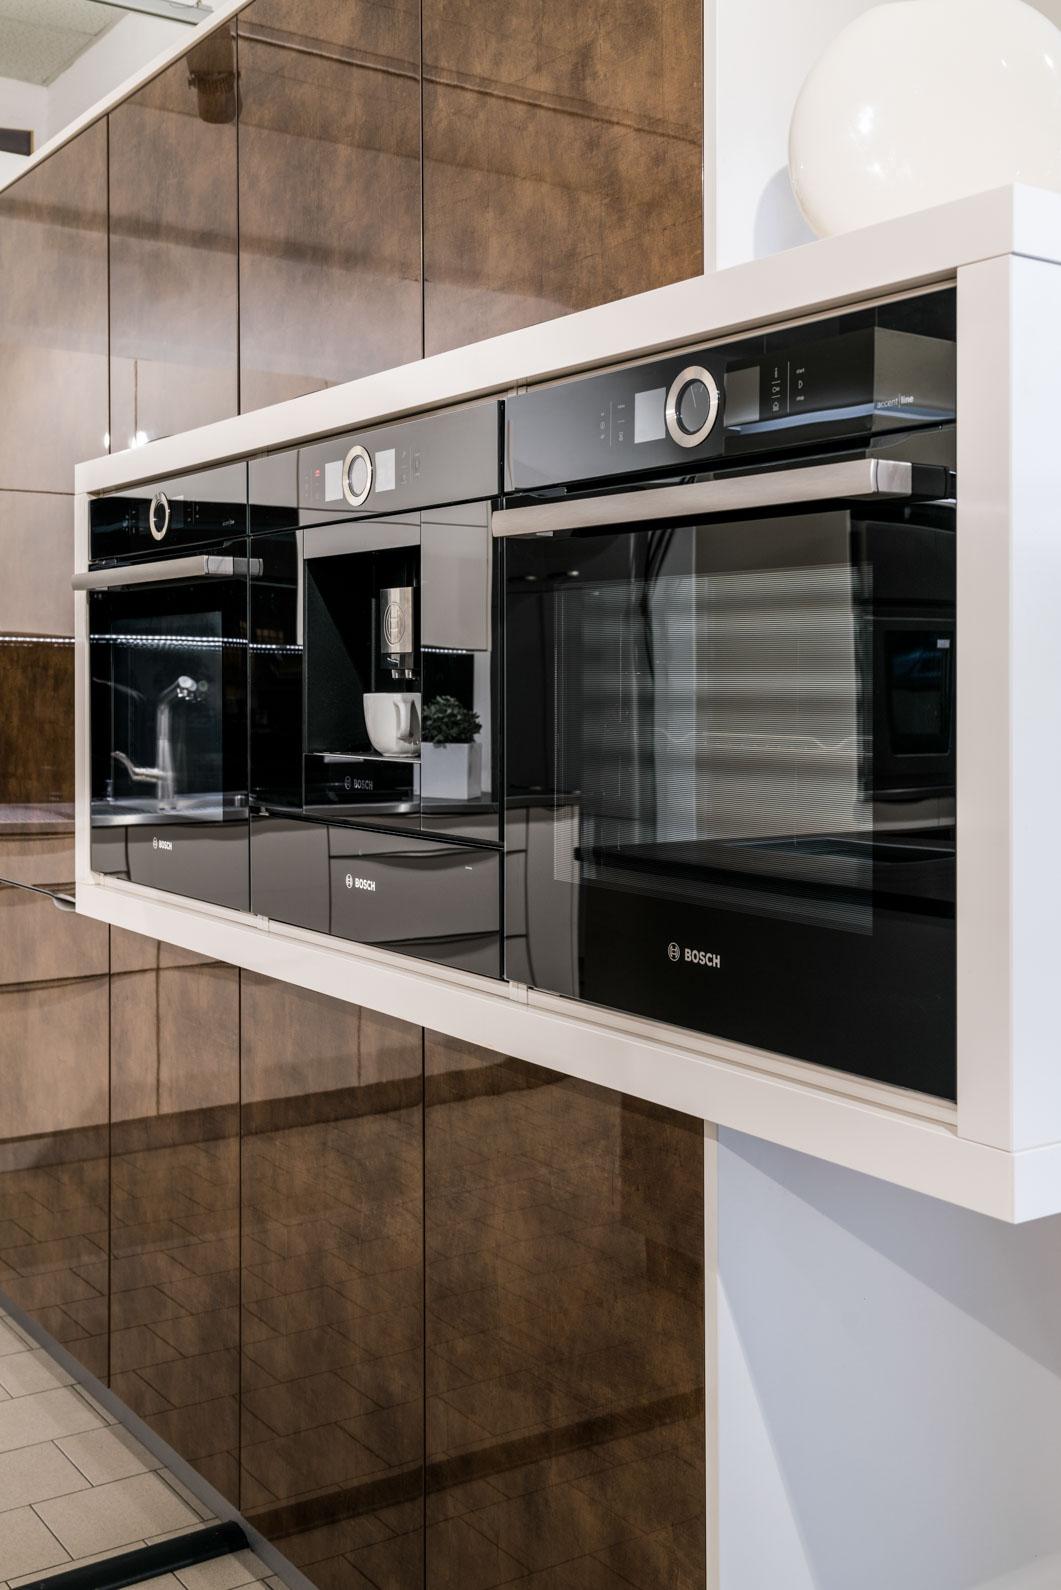 Weisser Küchenstudio Showroom Küchengeräte